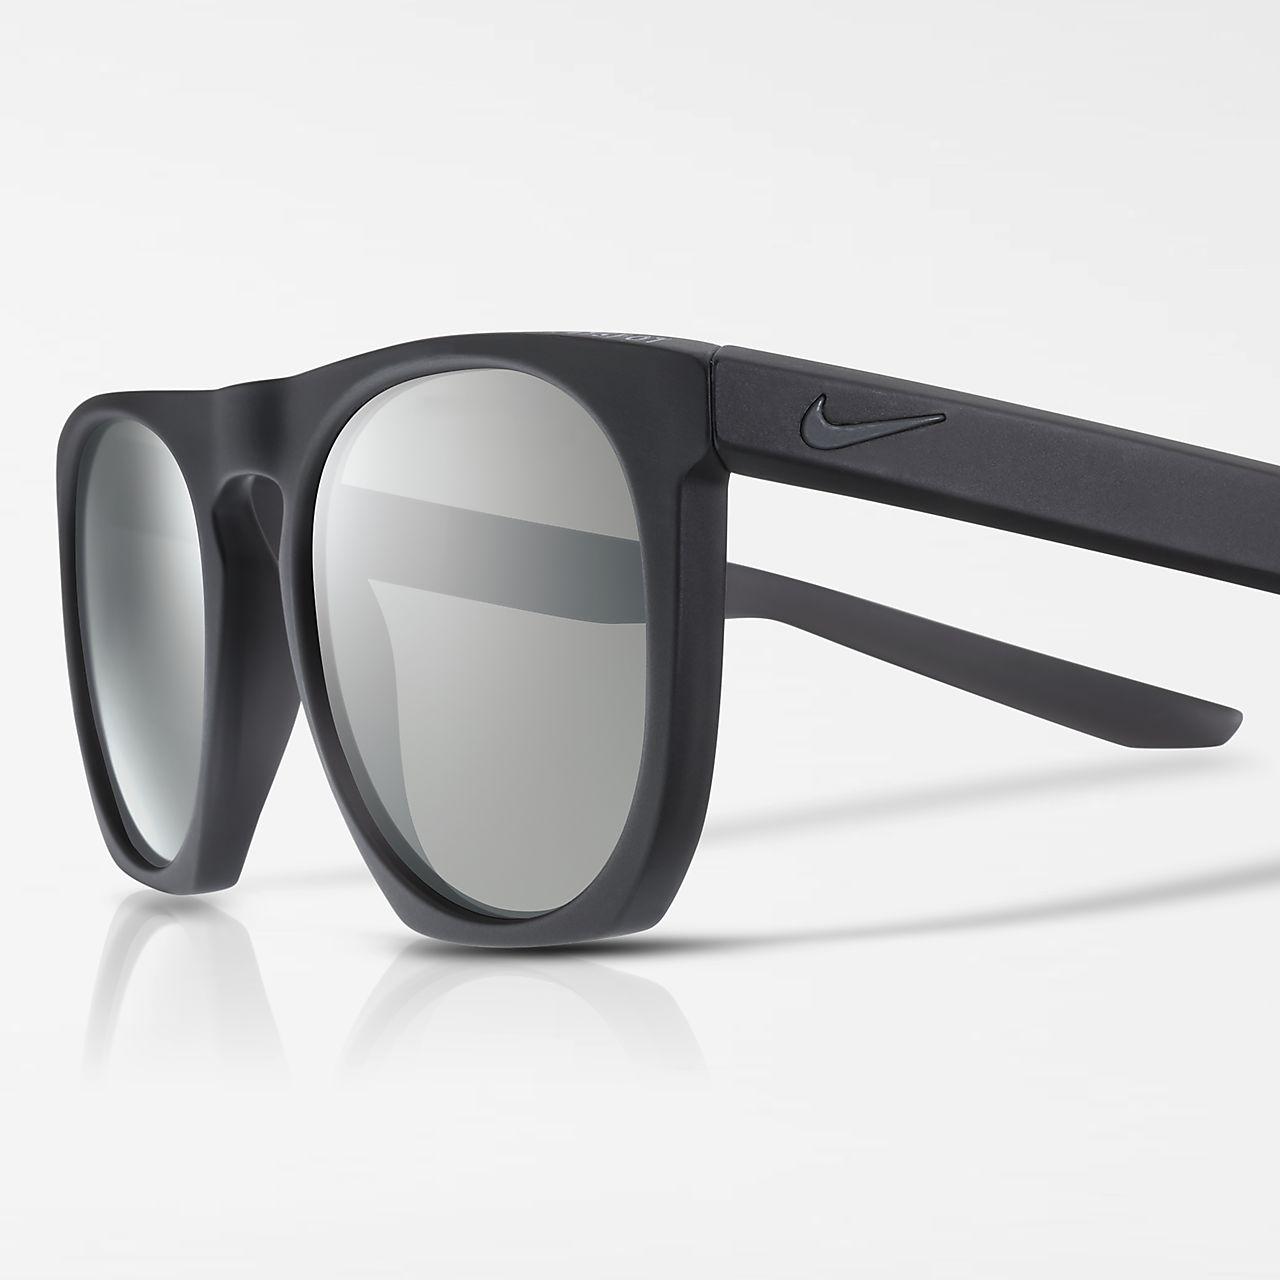 Okulary Przeciwsłoneczne Nike Flatspot Nikecom Pl